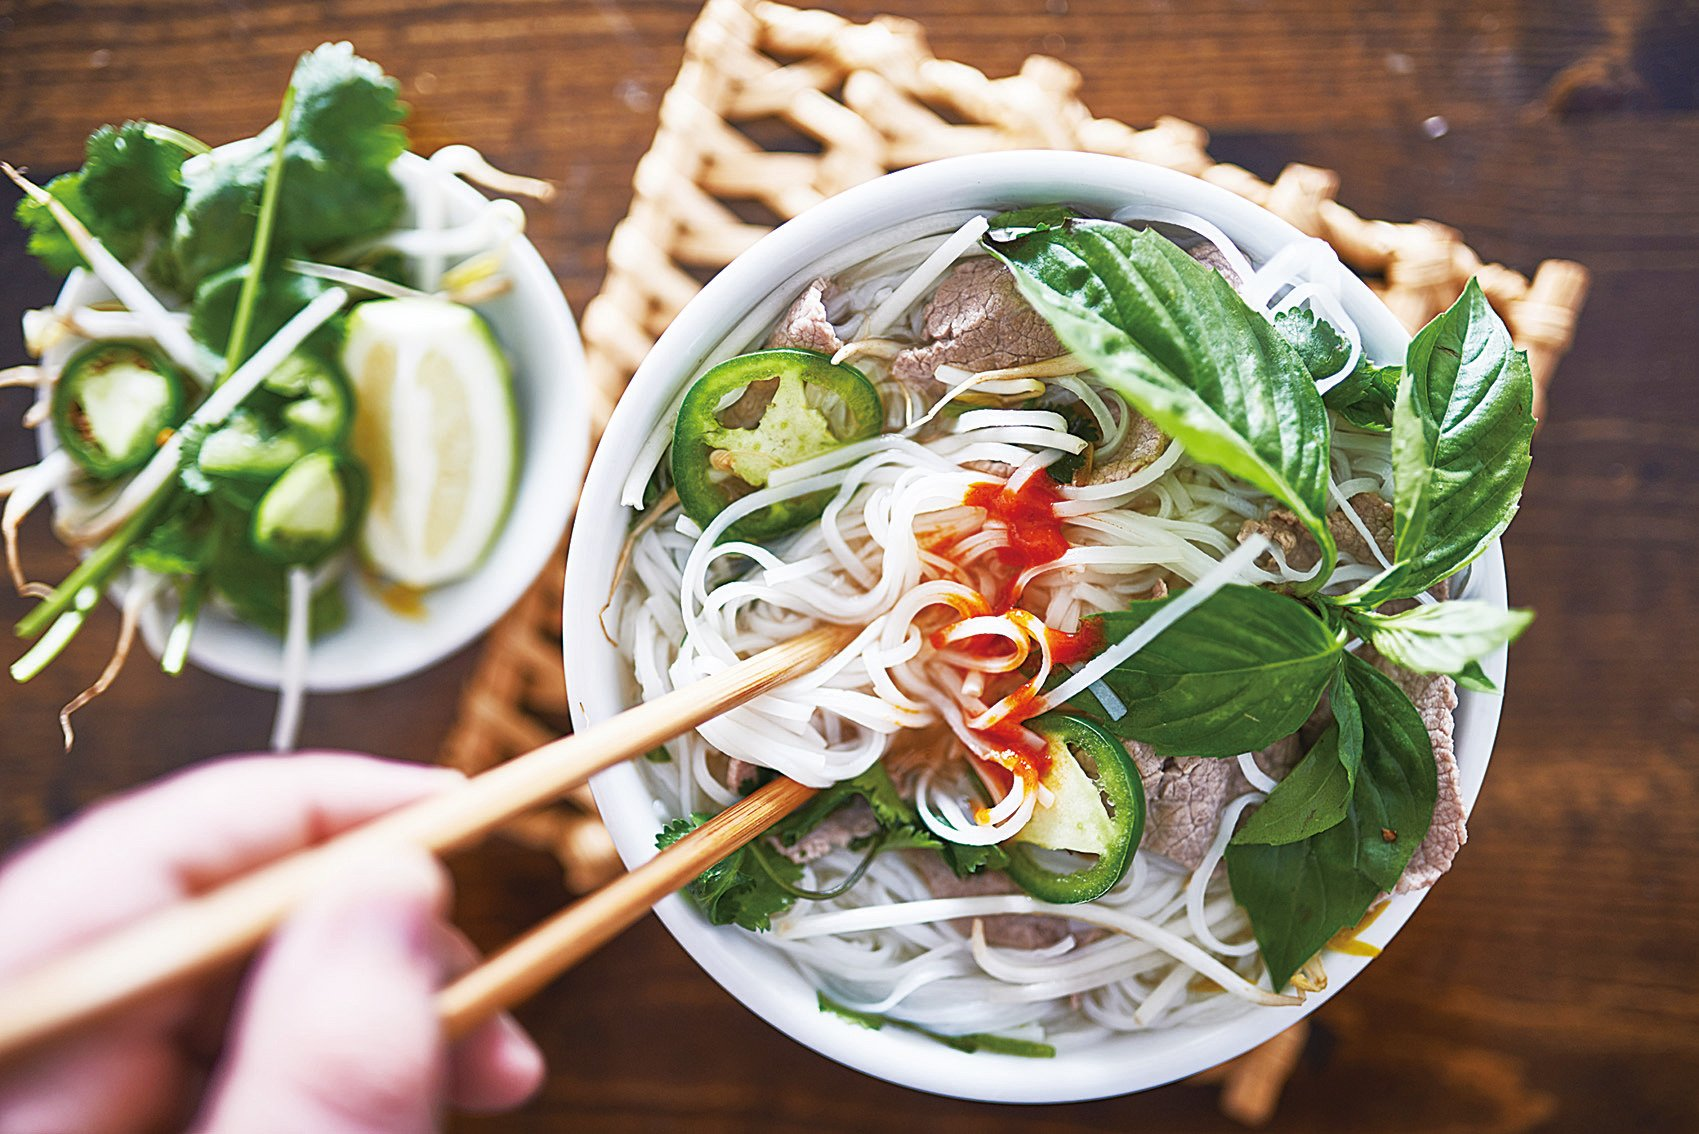 越南粉配鮮綠的嫩菜和香草。(Fotolia)